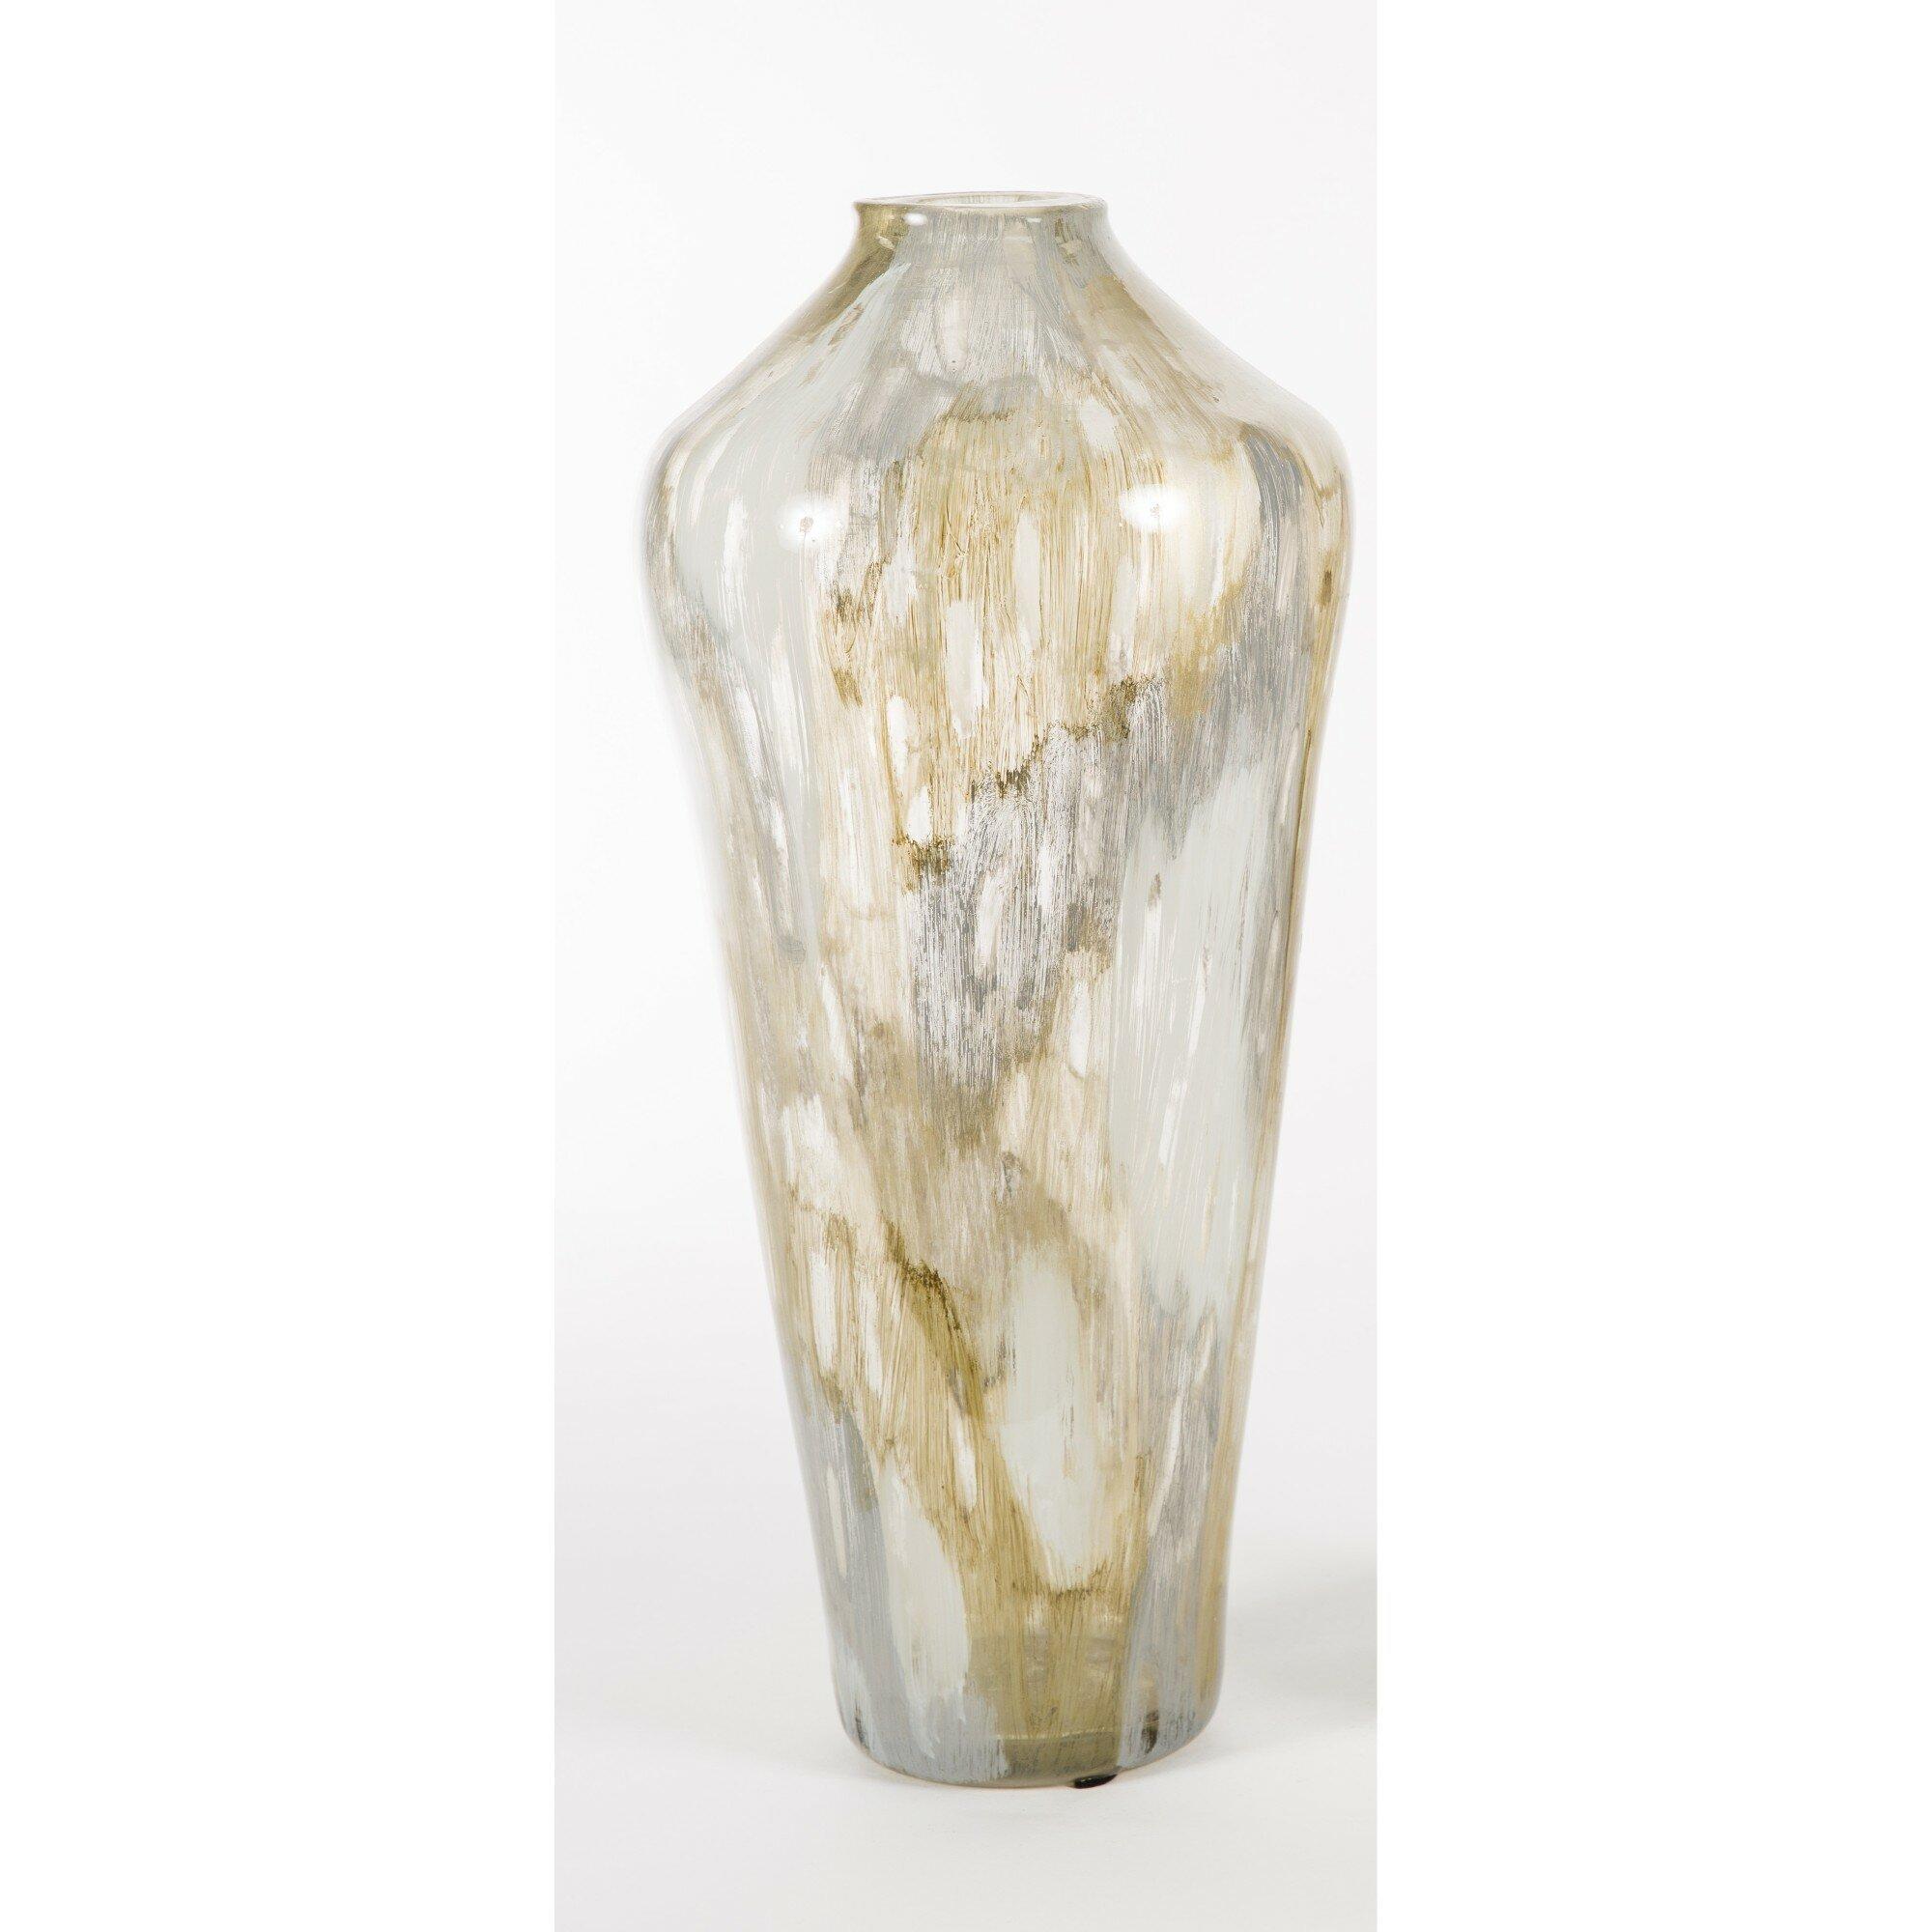 Prima Design Source Watson Brown Gray 22 Glass Table Vase Perigold